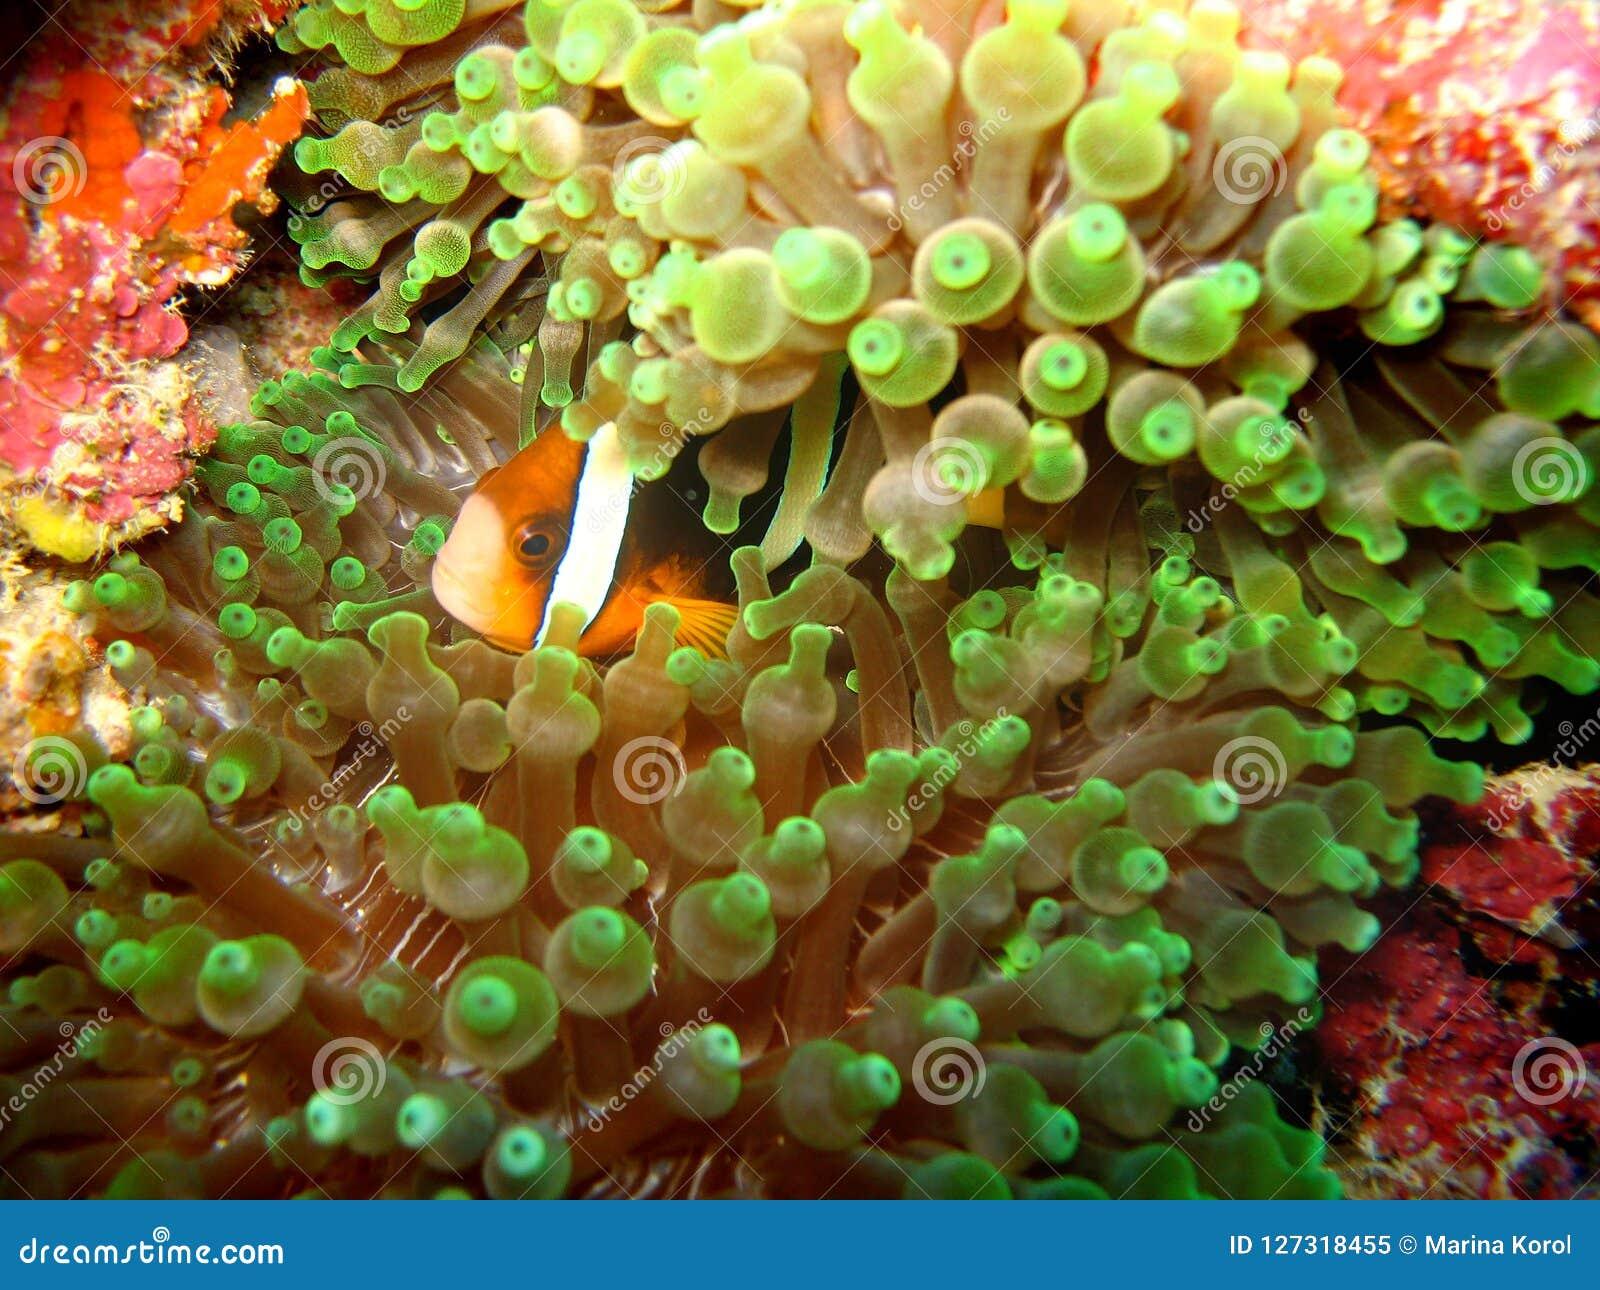 Zakończenie w górę fotografii anemon i błazen ryba która jest pojawiać się formą roślina Zielony anemon i czerwona błazen ryba